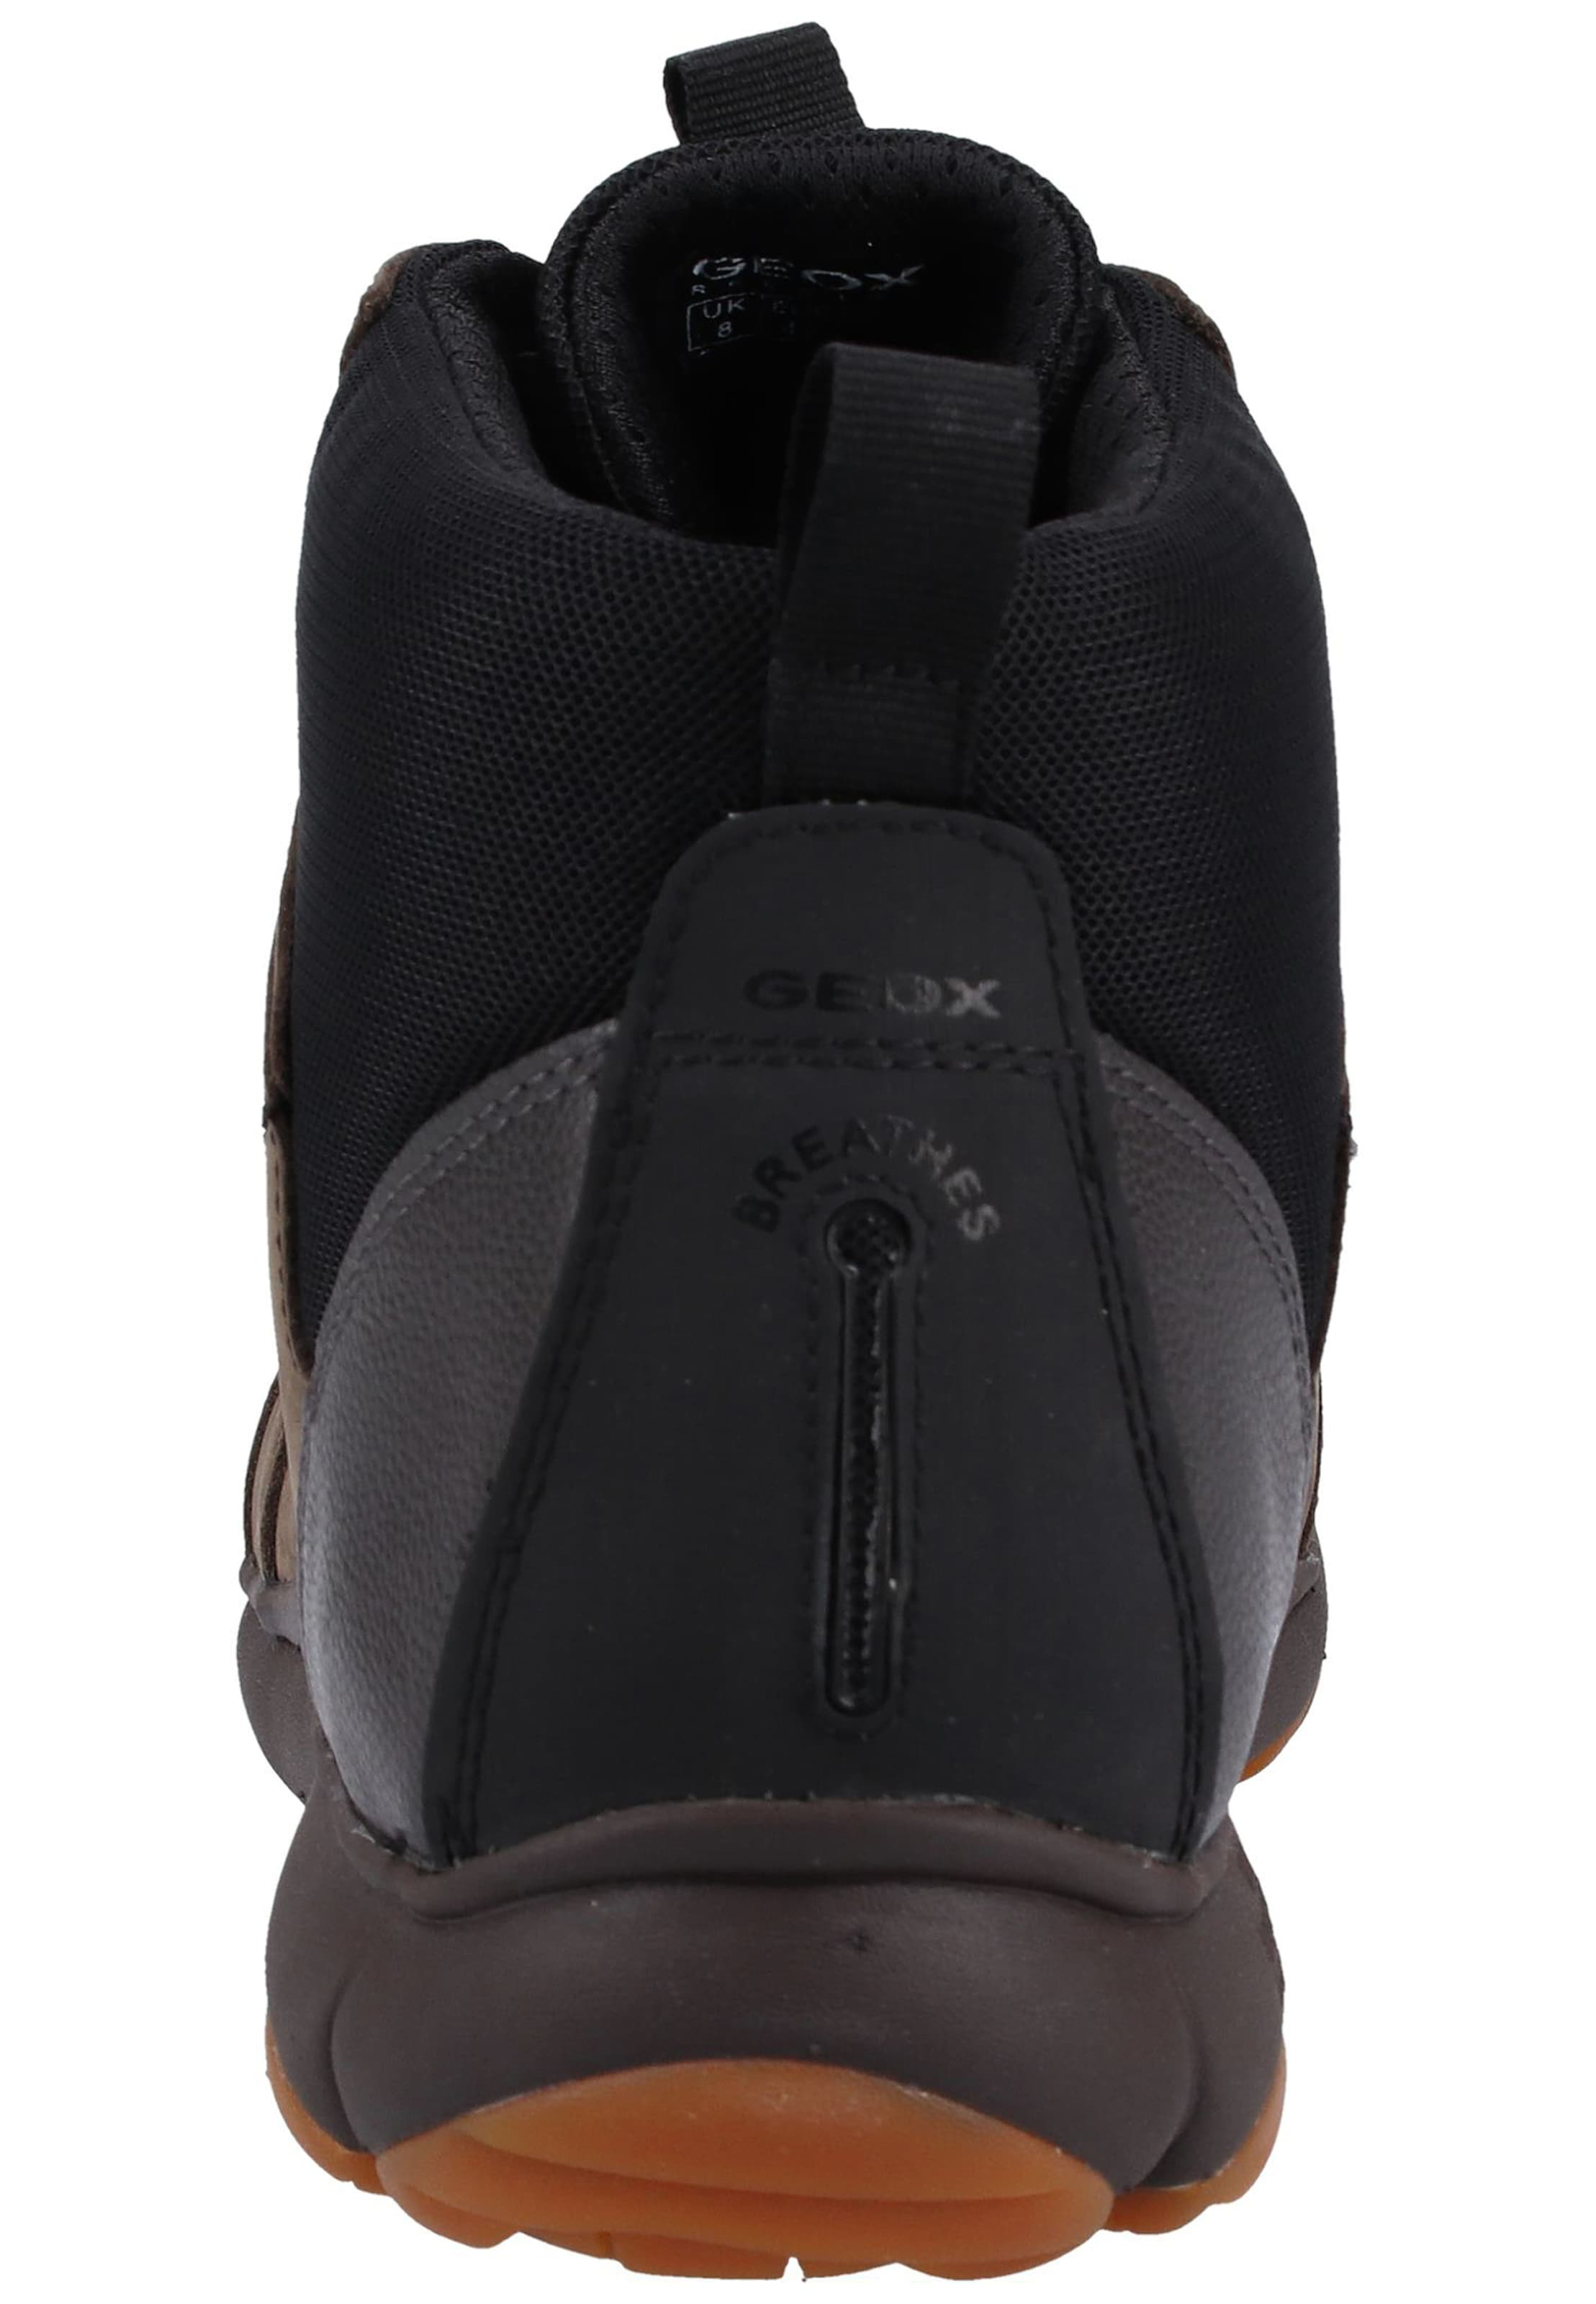 BraunSchwarz Geox In Sneaker BraunSchwarz Geox BraunSchwarz Geox Sneaker Sneaker Sneaker In Geox In ULqpzMVSG